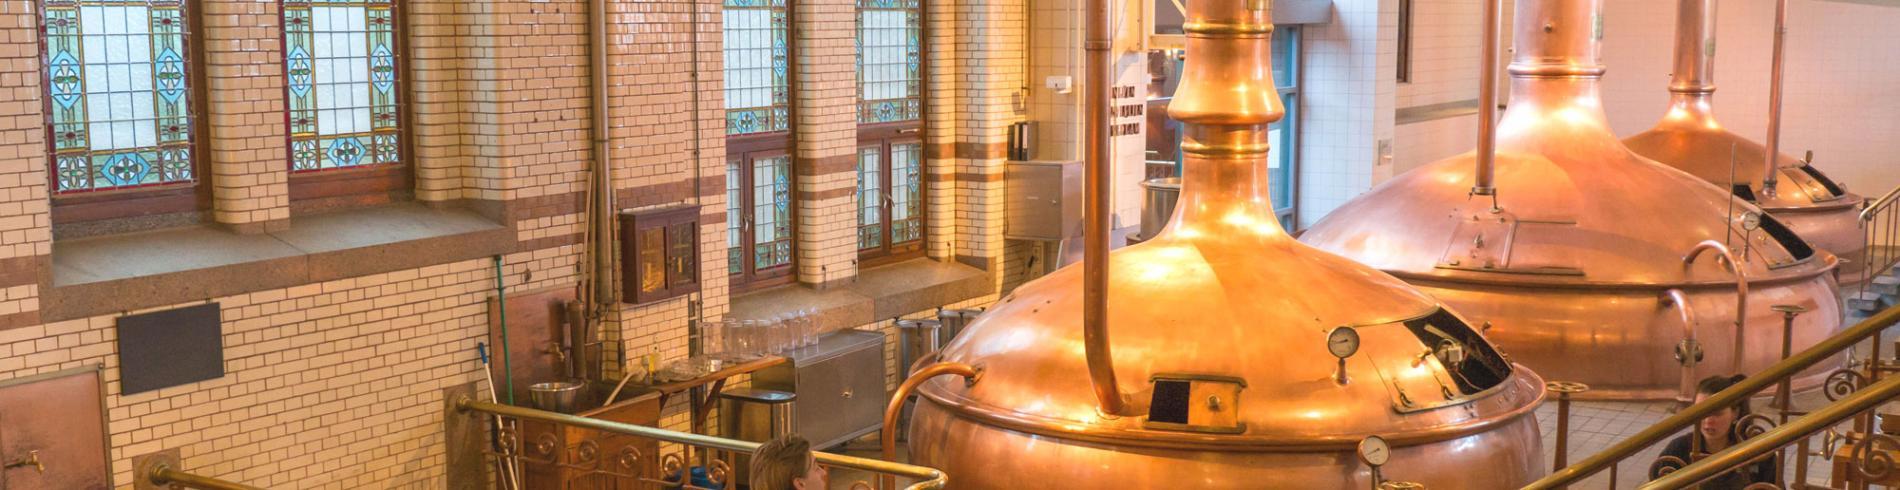 Massive copper beer vats in the Heineken brewery